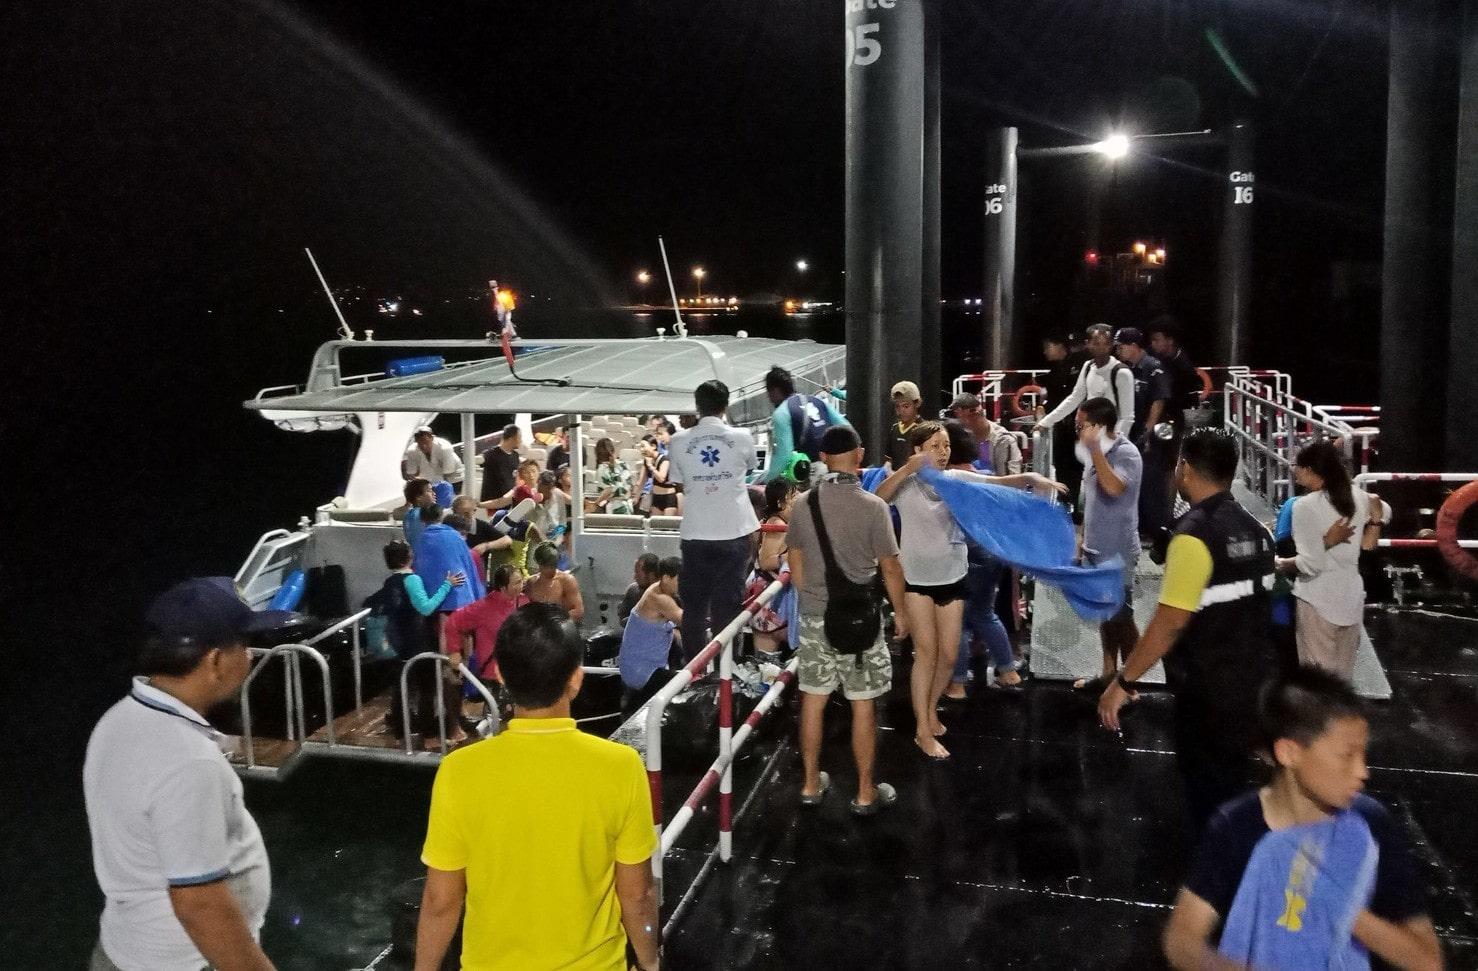 Затонувшую на Пхукете лодку, где погибли 47 туристов из Китая, выставили на аукцион